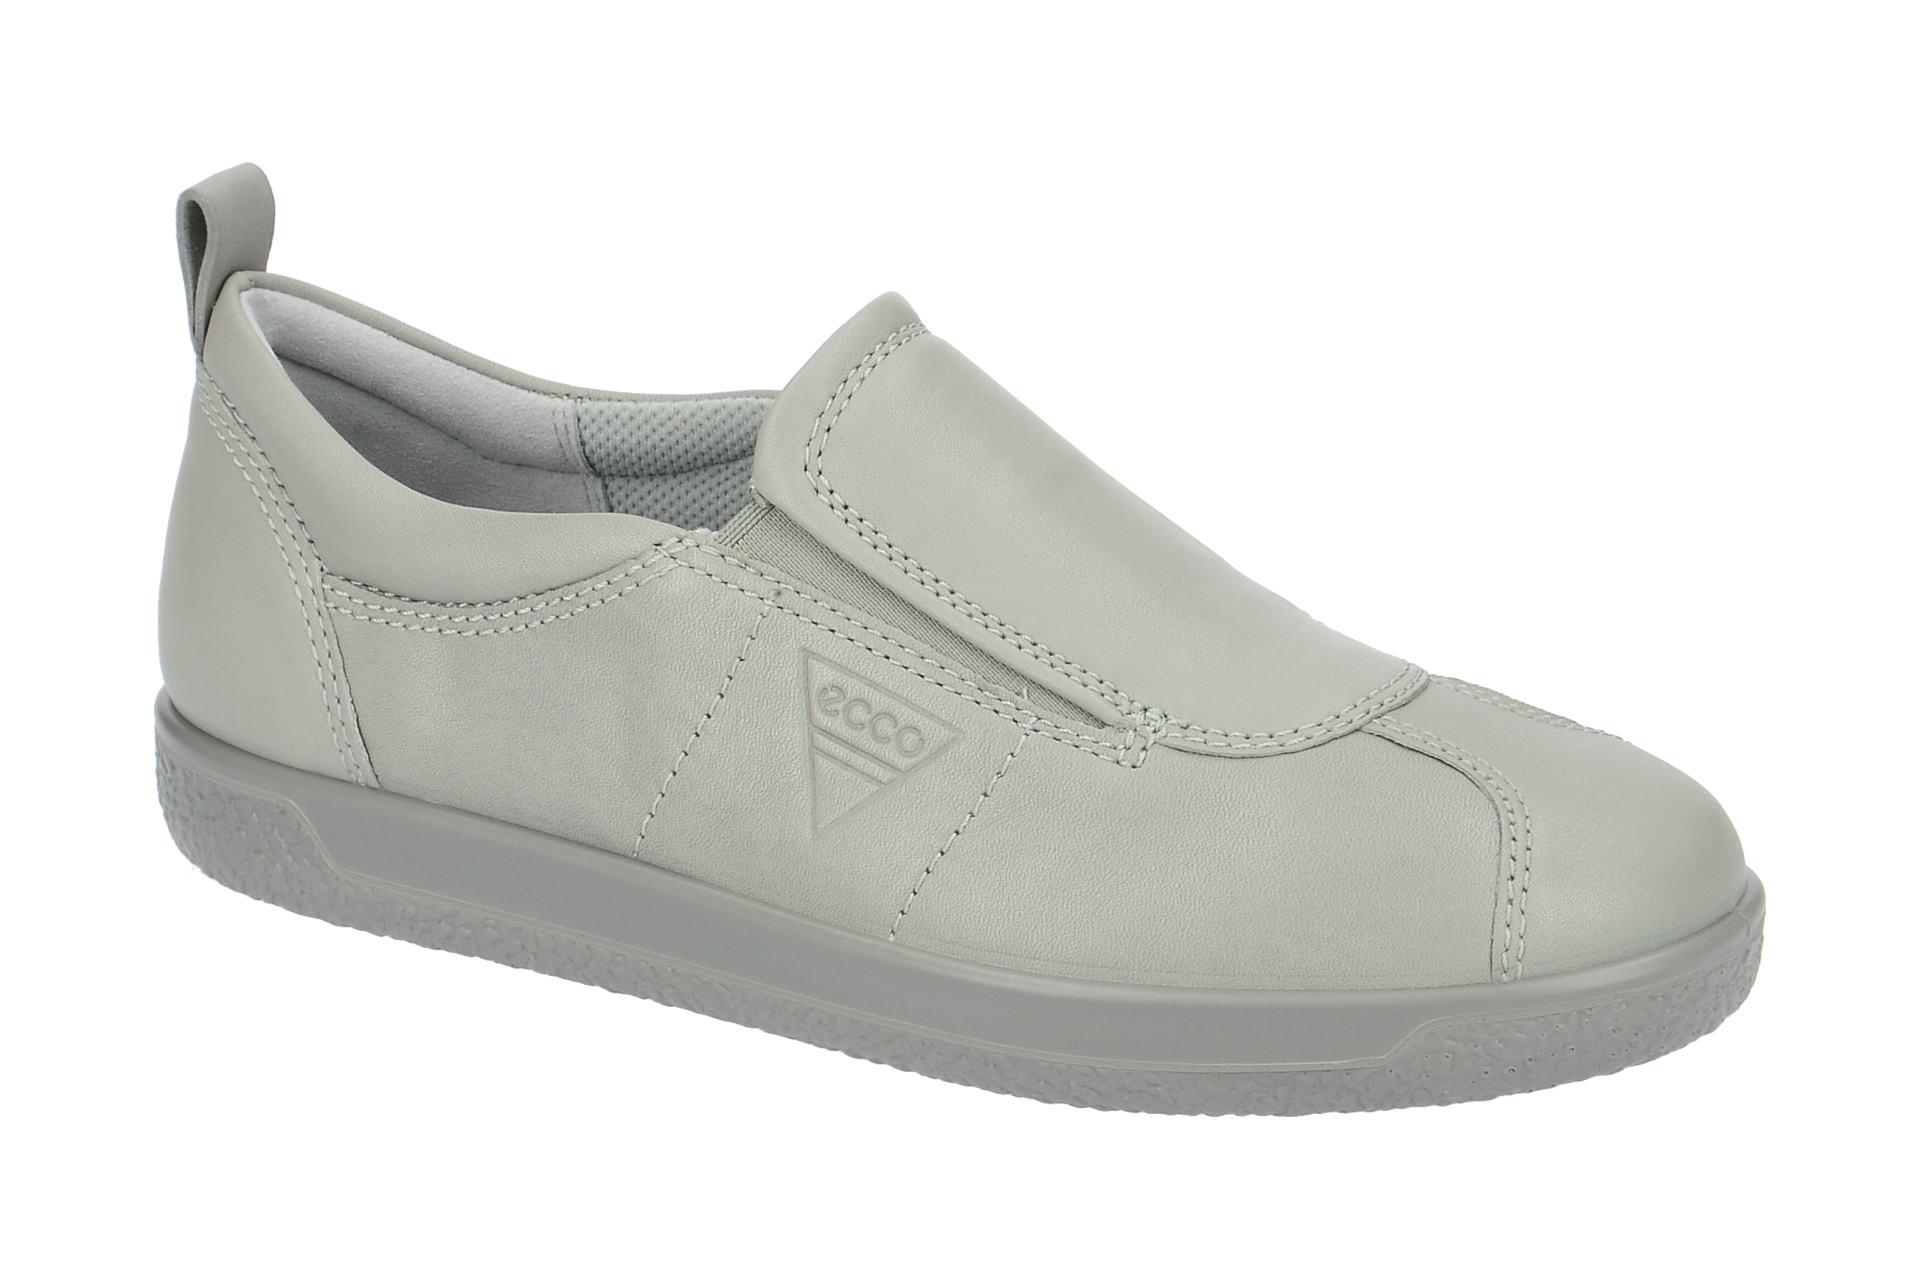 dee45bdb890c60 Ecco Schuhe SOFT 1 LADIES grau Damenschuhe bequeme Slipper 40054301539 NEU